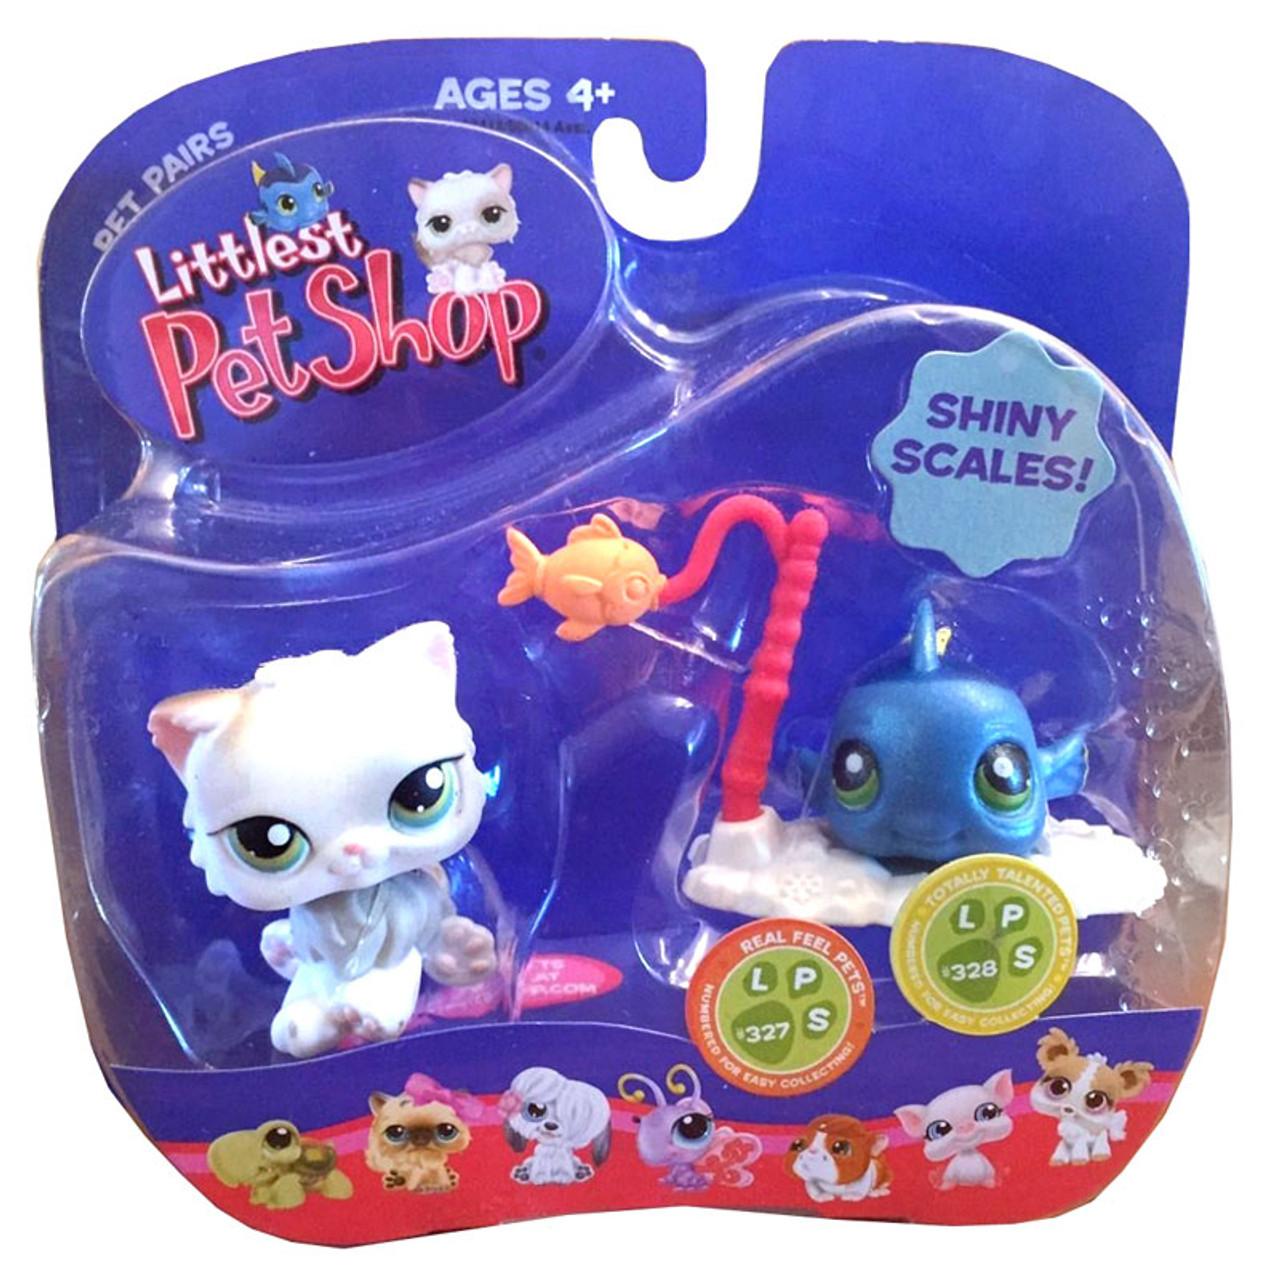 Littlest Pet Shop Pet Pairs Cat & Fishy Figure 2-Pack [Shiny Scales]